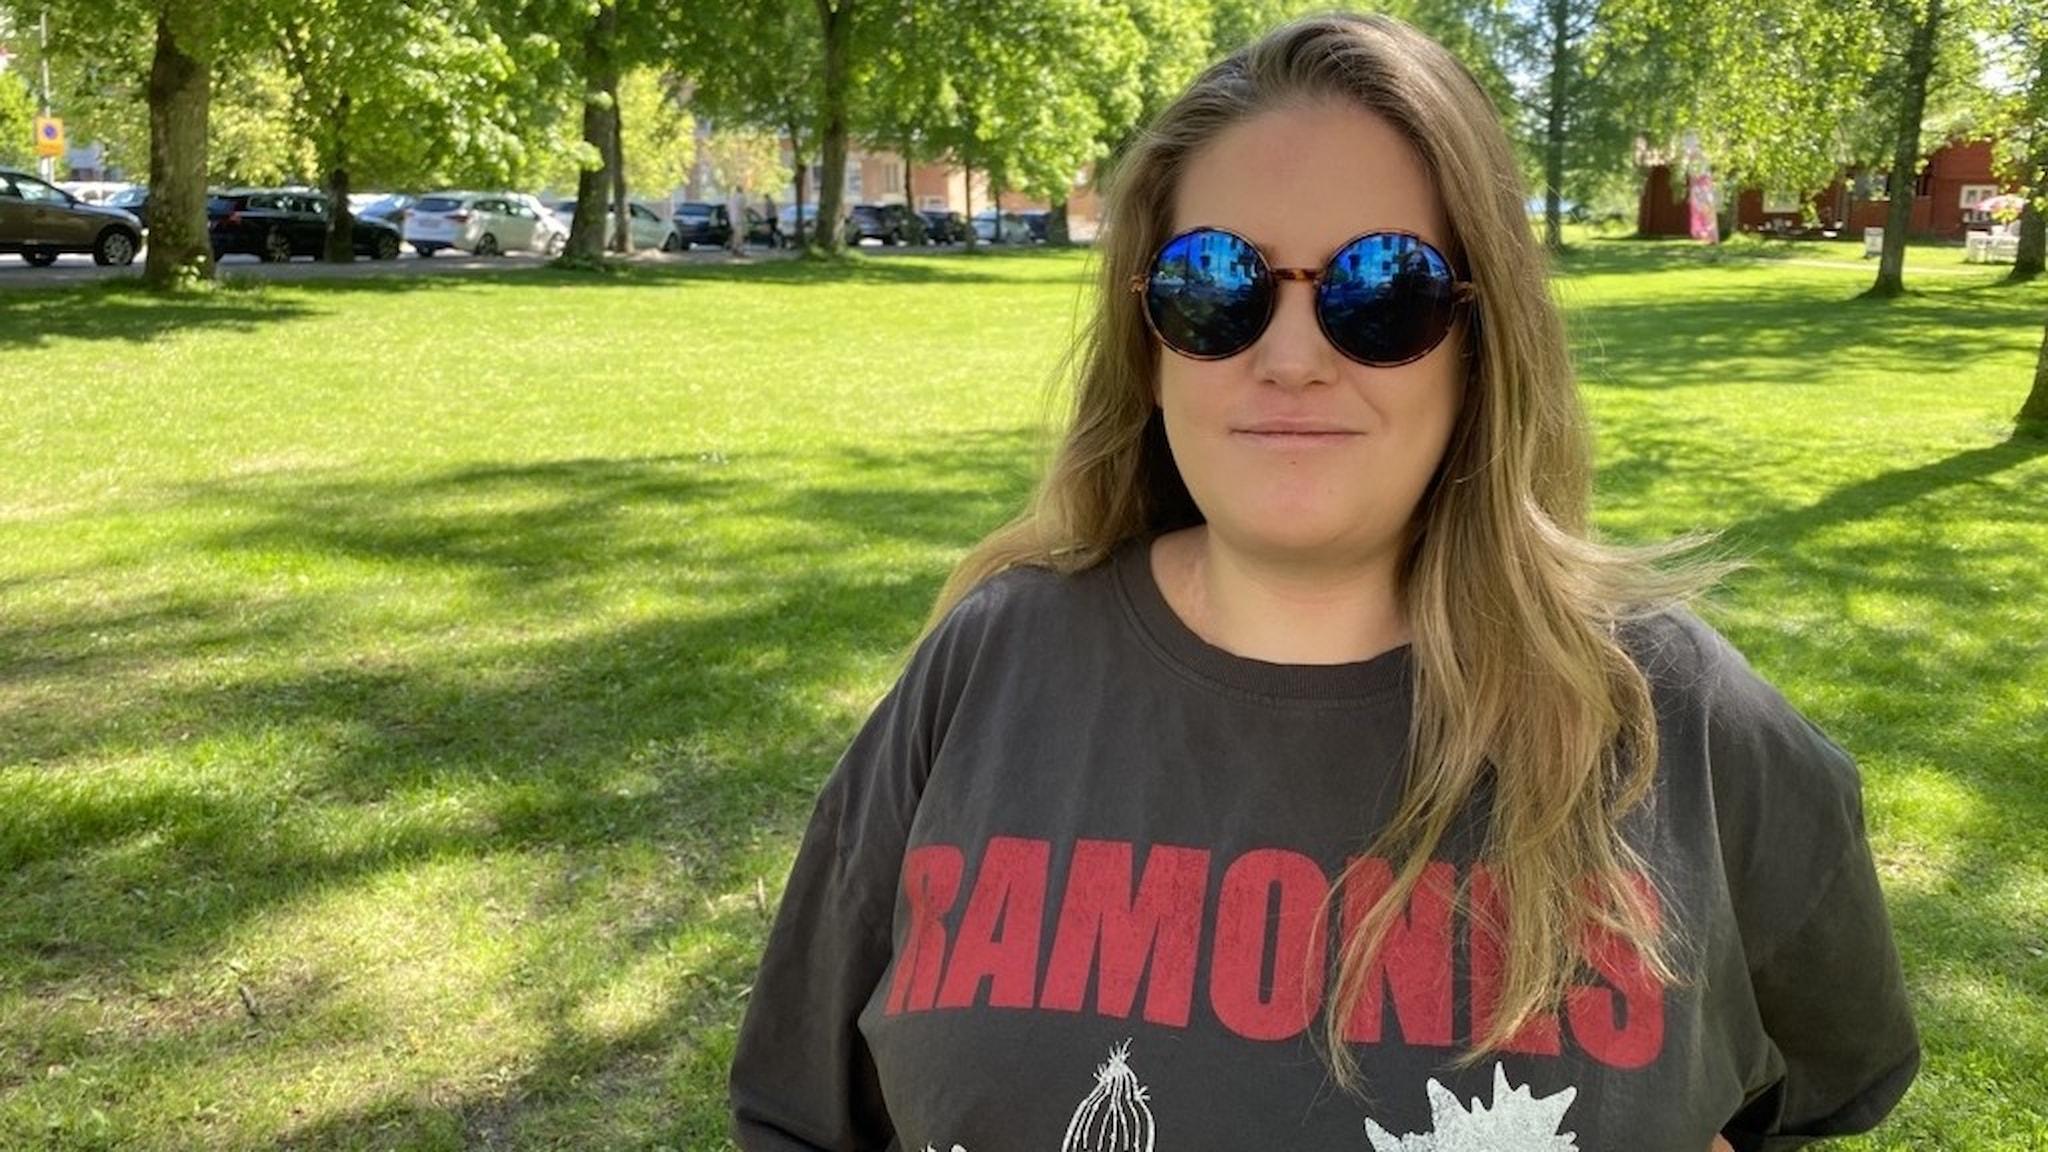 Växjöbon Cassandra Sandkvist som är gravid i vecka 32.